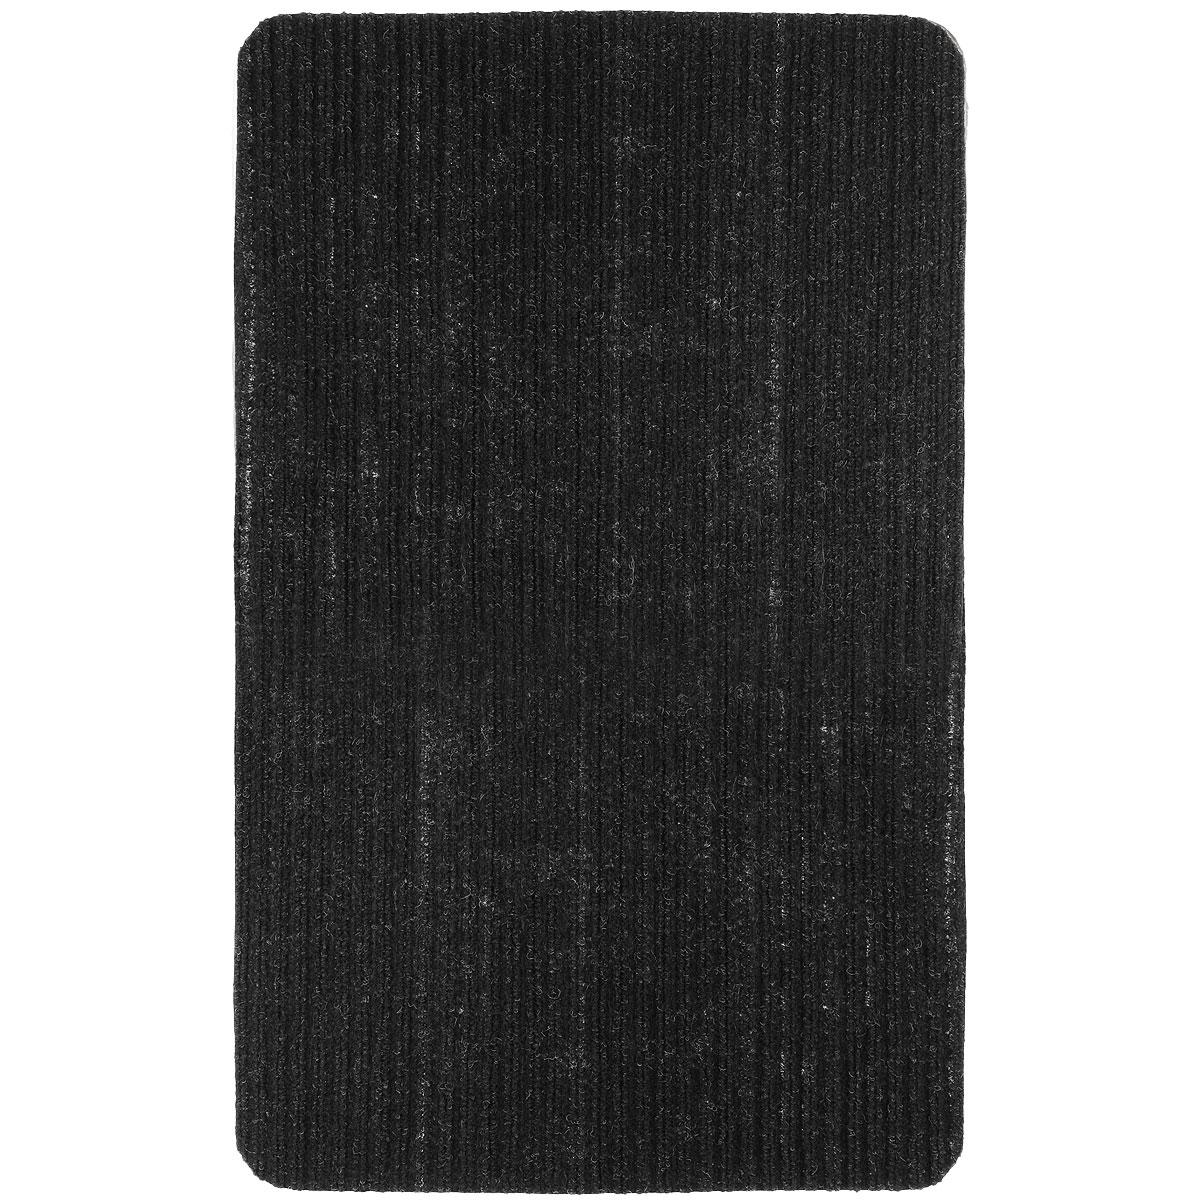 Коврик придверный Vortex Simple, цвет: черный, 50 см х 80 см коврик придверный 40х60 см черный тебе назначено vortex 20048